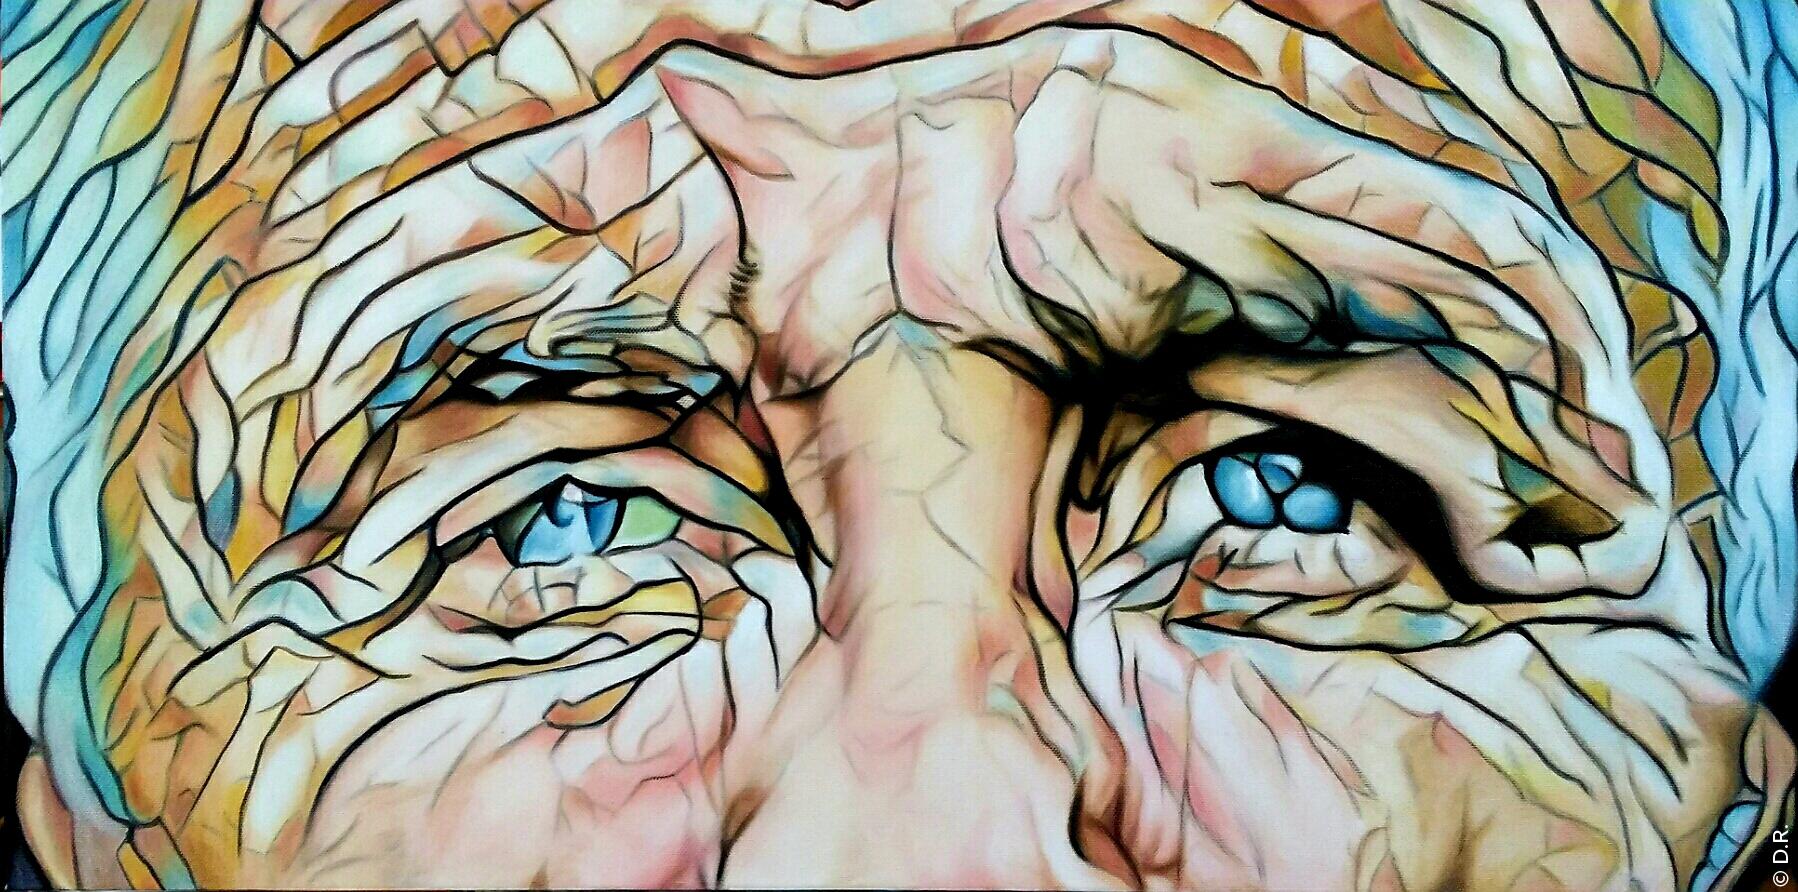 ALEXANDRA DE BASTO : L'artiste vous invite à prendre du temps pour voir le mystère que se cache derrière un regard